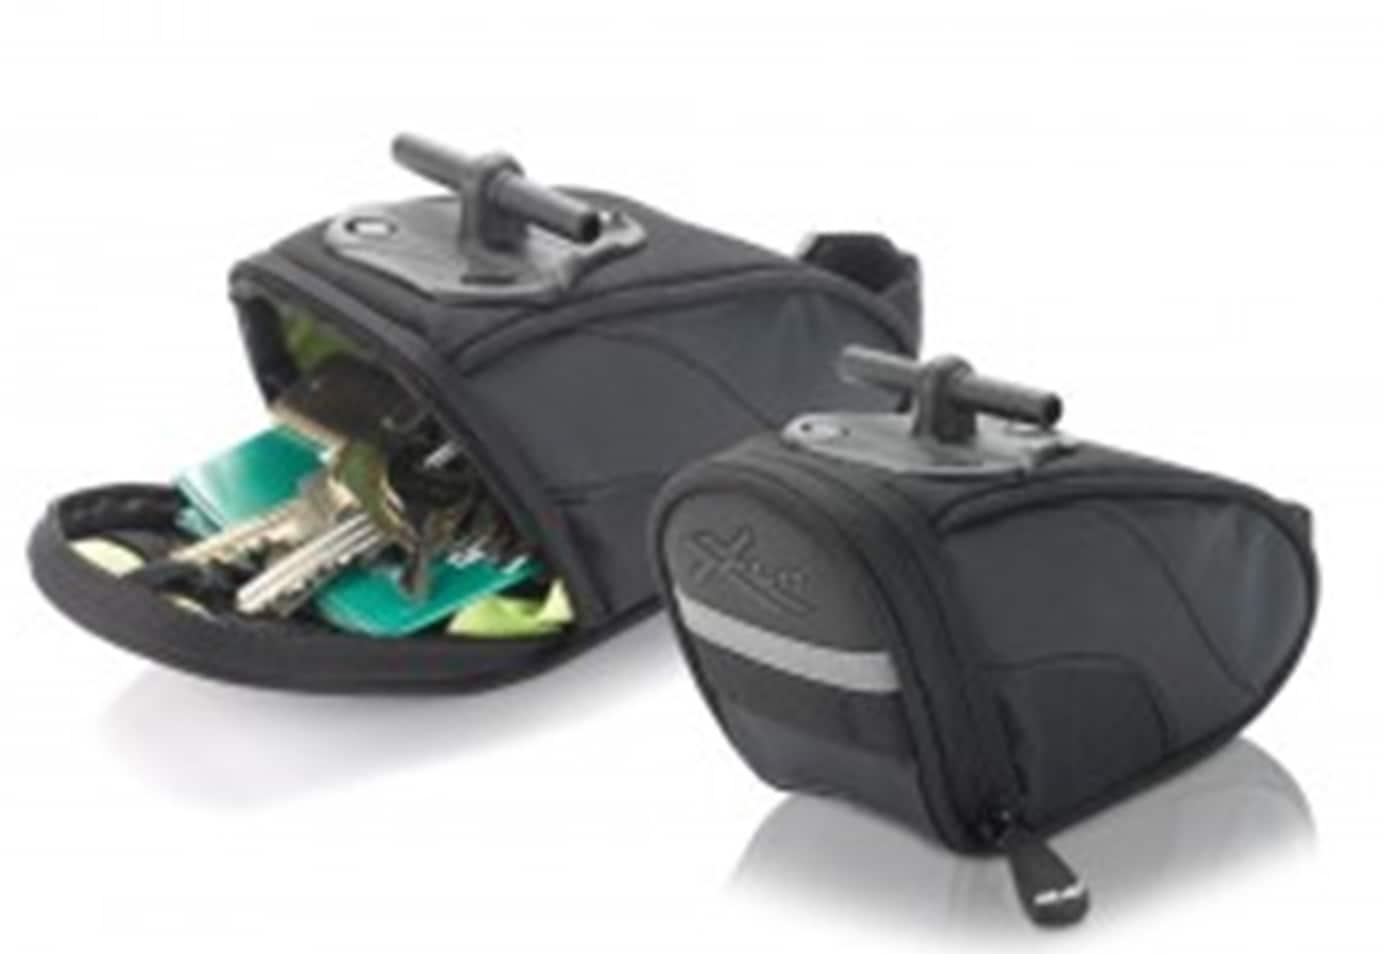 XLC Satteltasche schwarz Fahrradtaschen Fahrradzubehör Fahrräder Zubehör Taschen